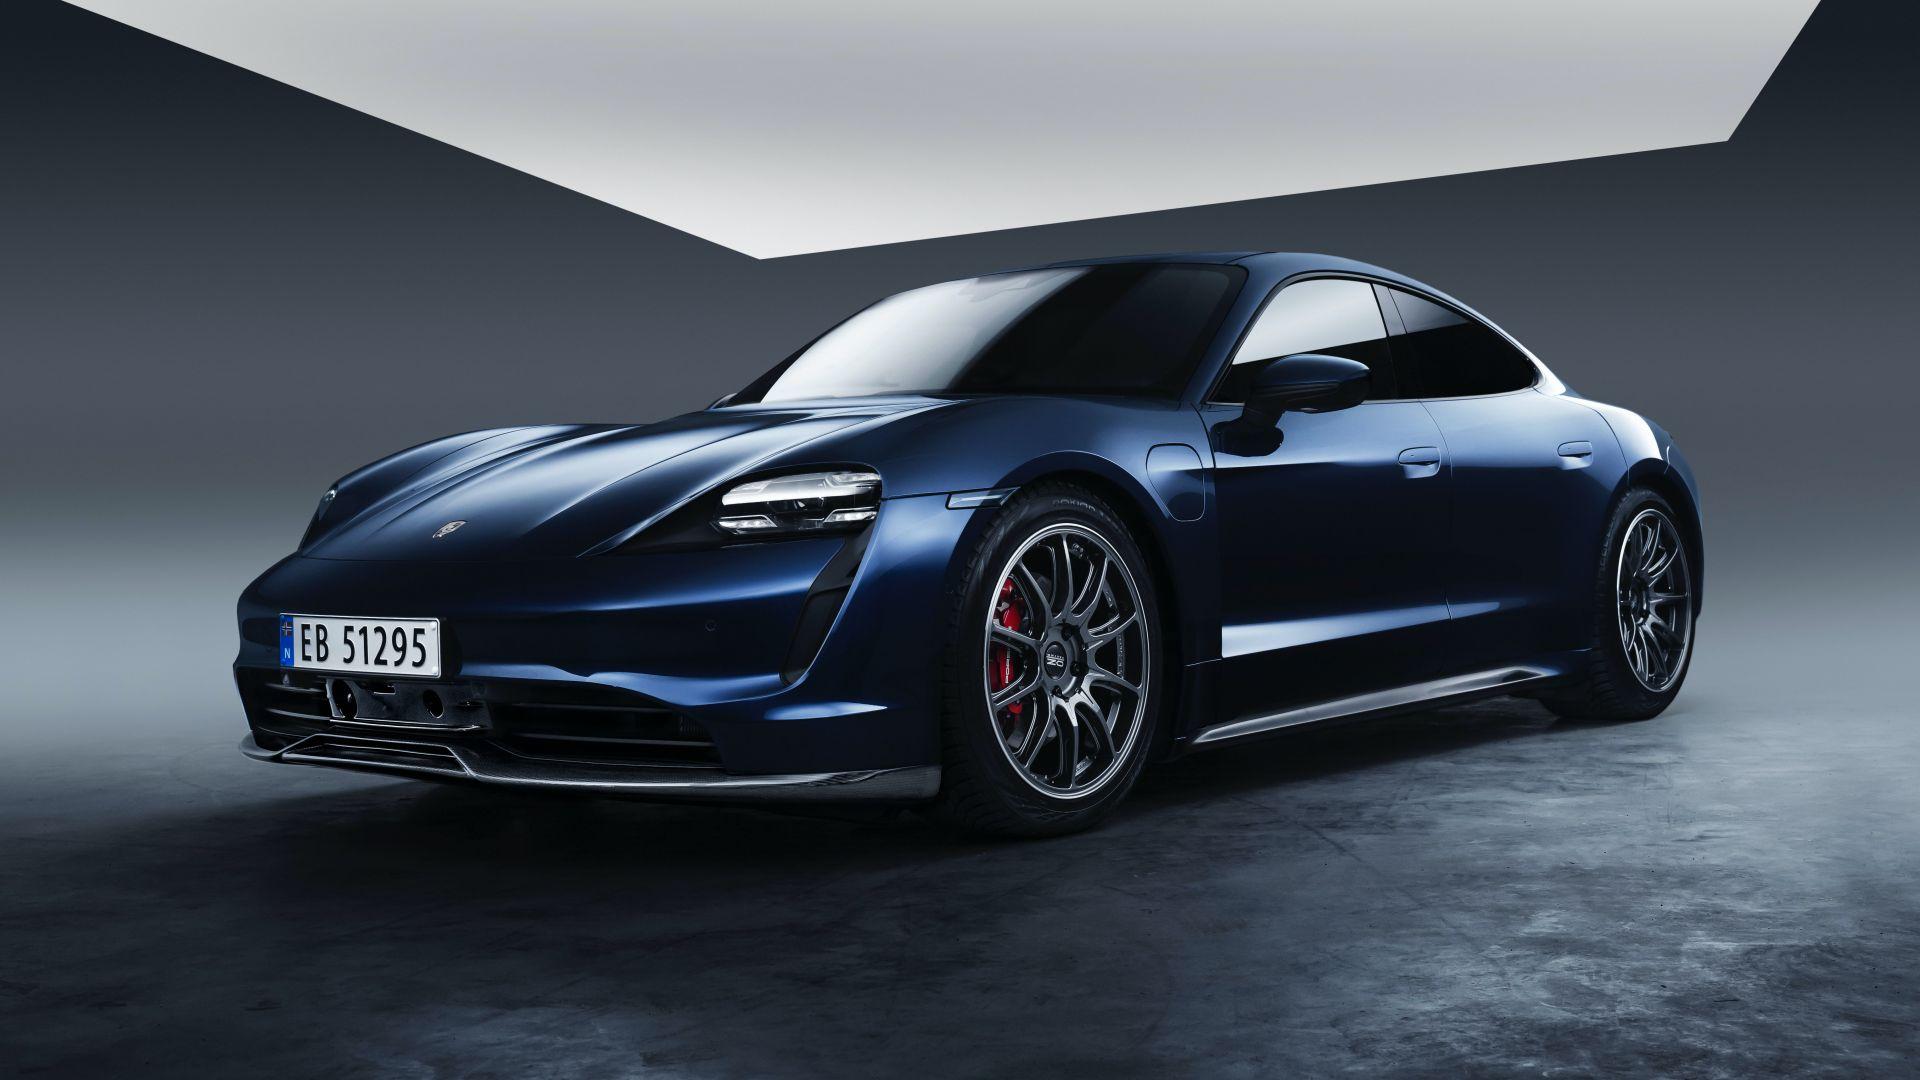 Тюнинговая фирма Zyrus Engineering из Норвегии заявила о себе прошлым летом, представив в августе особо мощный Lamborghini Huracan LP1200. Пандемия смешала все планы, и суперкар до сих пор не дебютировал – зато пока суть да дело, ателье придумало стильный боди-кит для электрического Porsche Taycan.